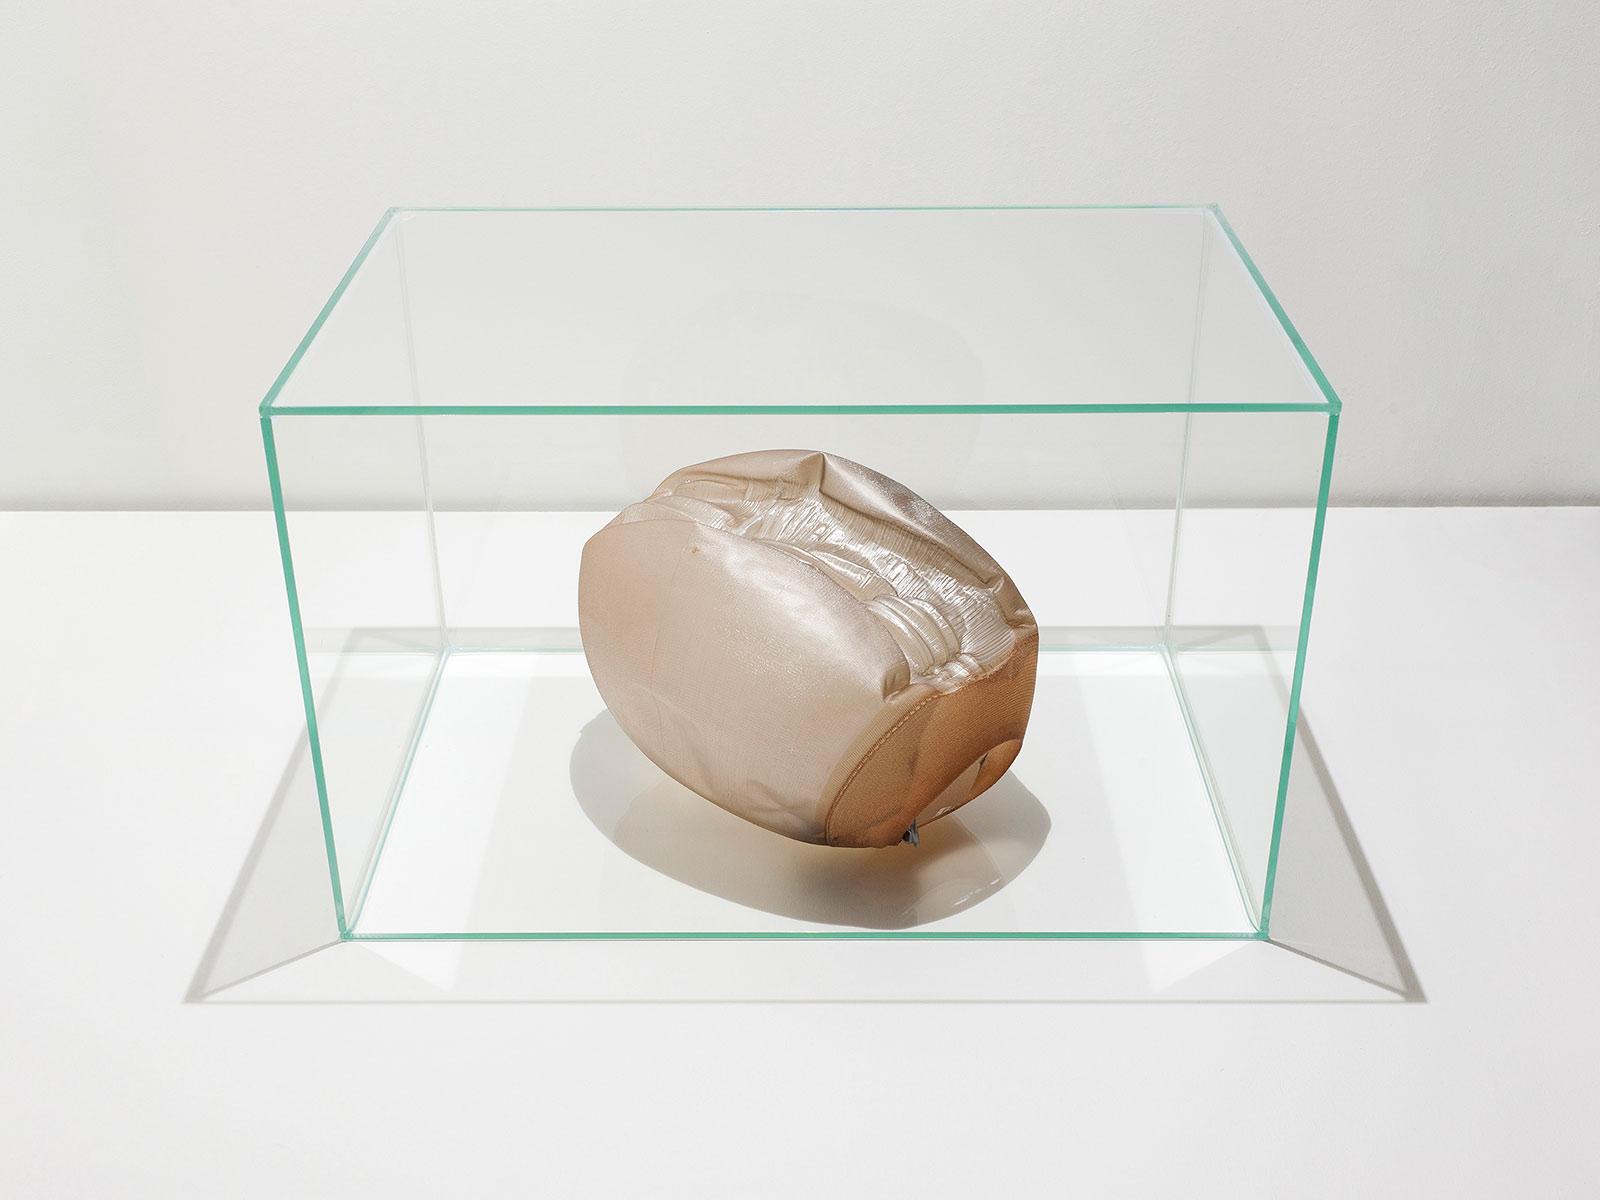 hellbrauner Polyamid-Strumpf mit erschlafftem Ballon und Epoxidharz, platziert in einem Glaskubus